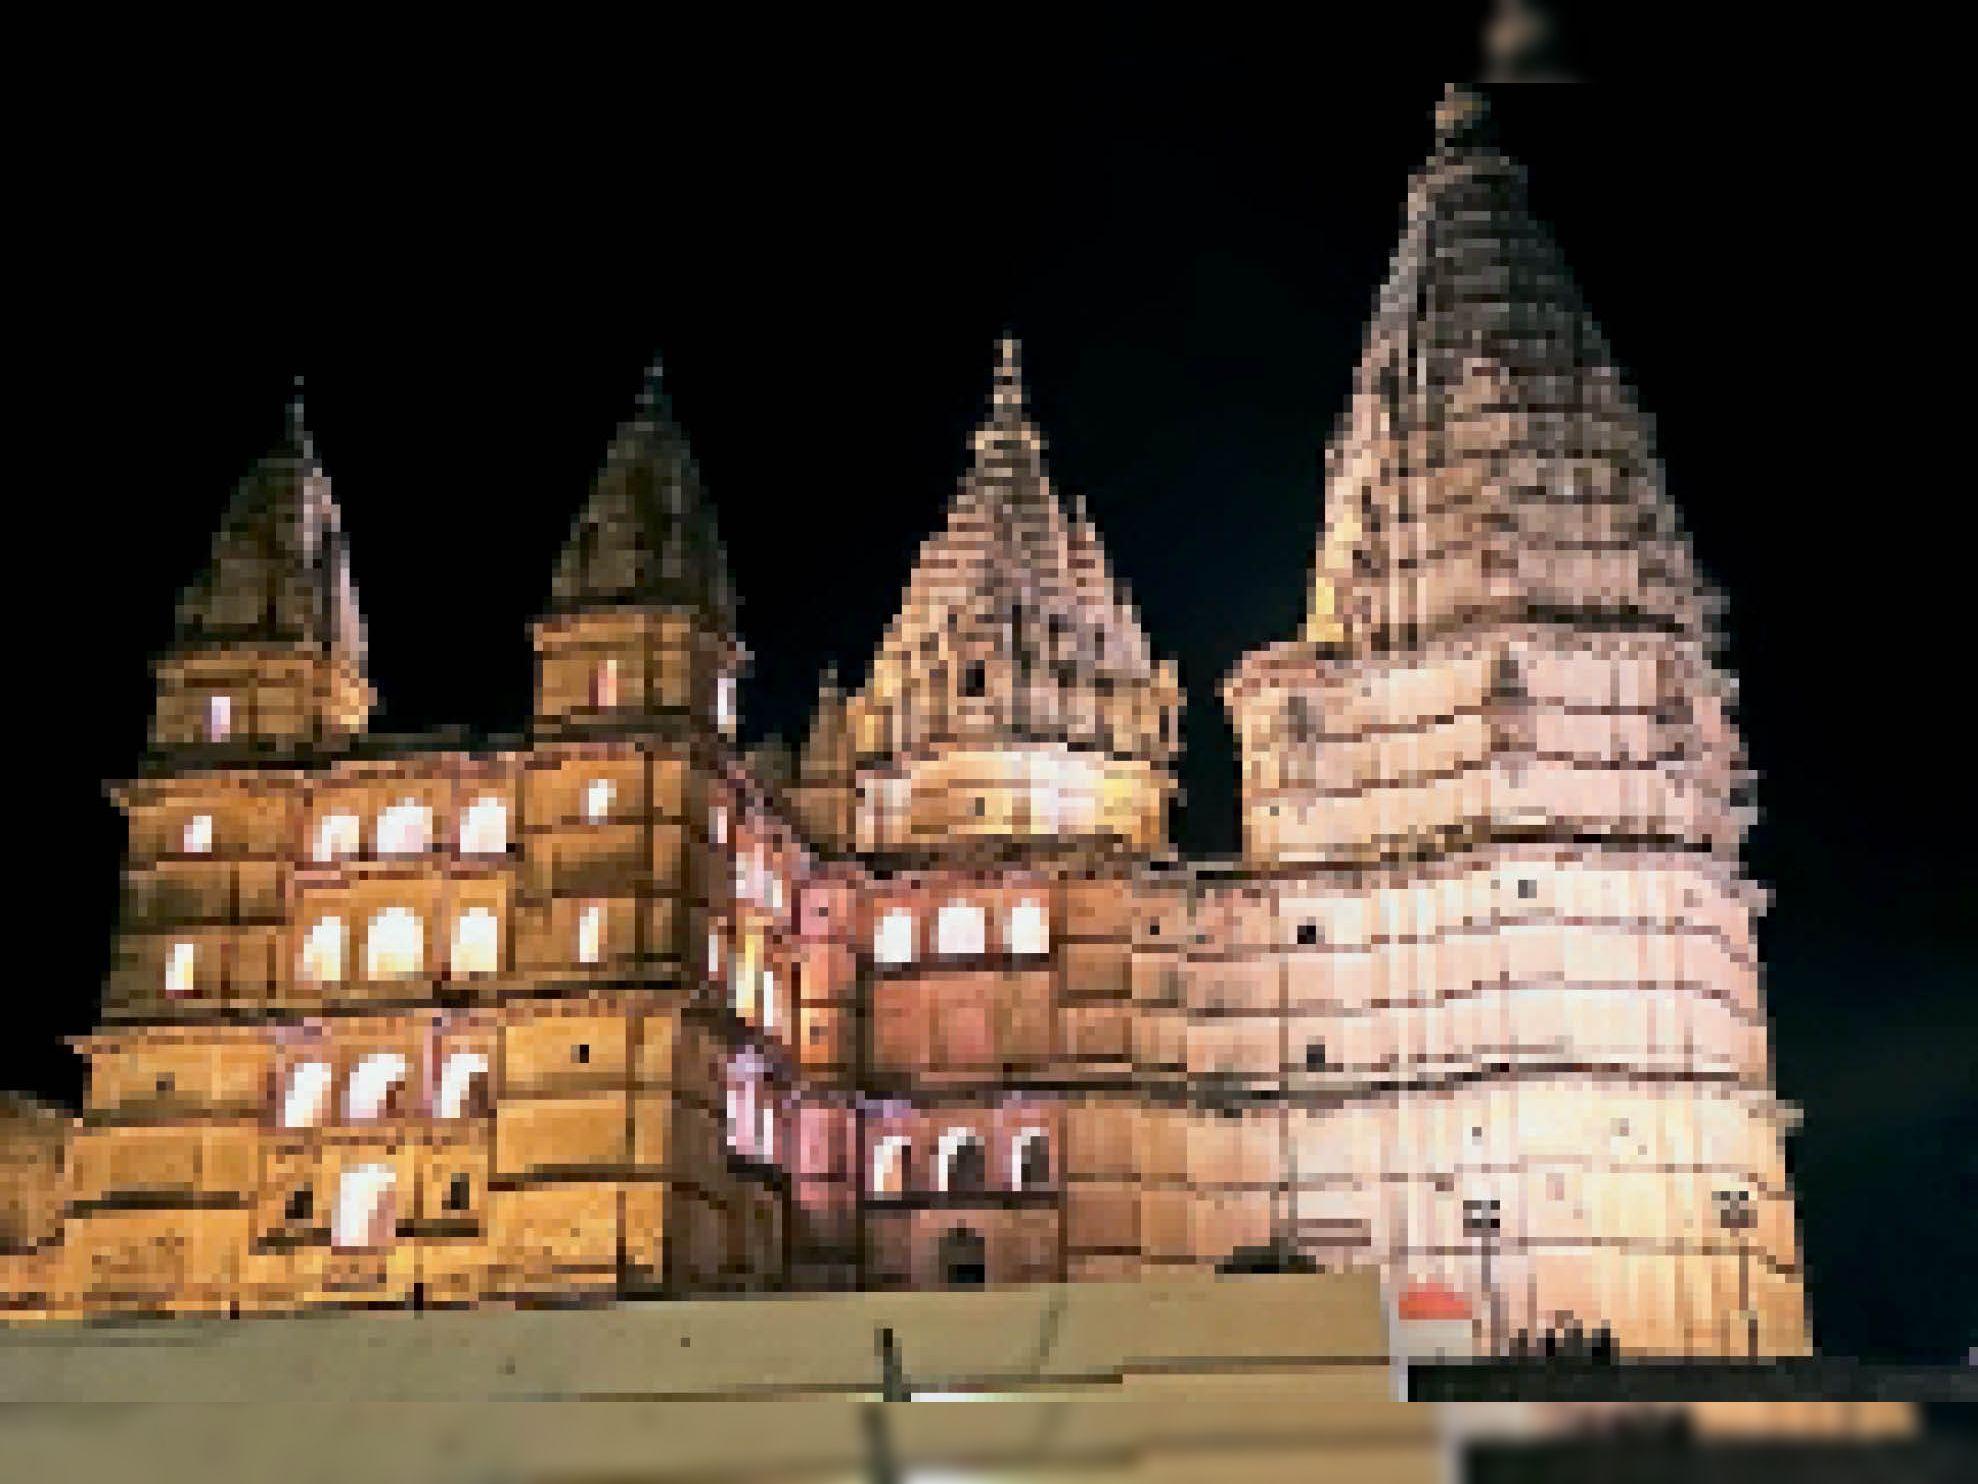 ओरछा| पर्यटन नगरी ओरछा और ग्वालियर को यूनेस्को ऐतिहासिक व सांस्कृतिक धरोहर को ध्यान में रखकर अपने हिसाब से विकसित करेगी। - Dainik Bhaskar